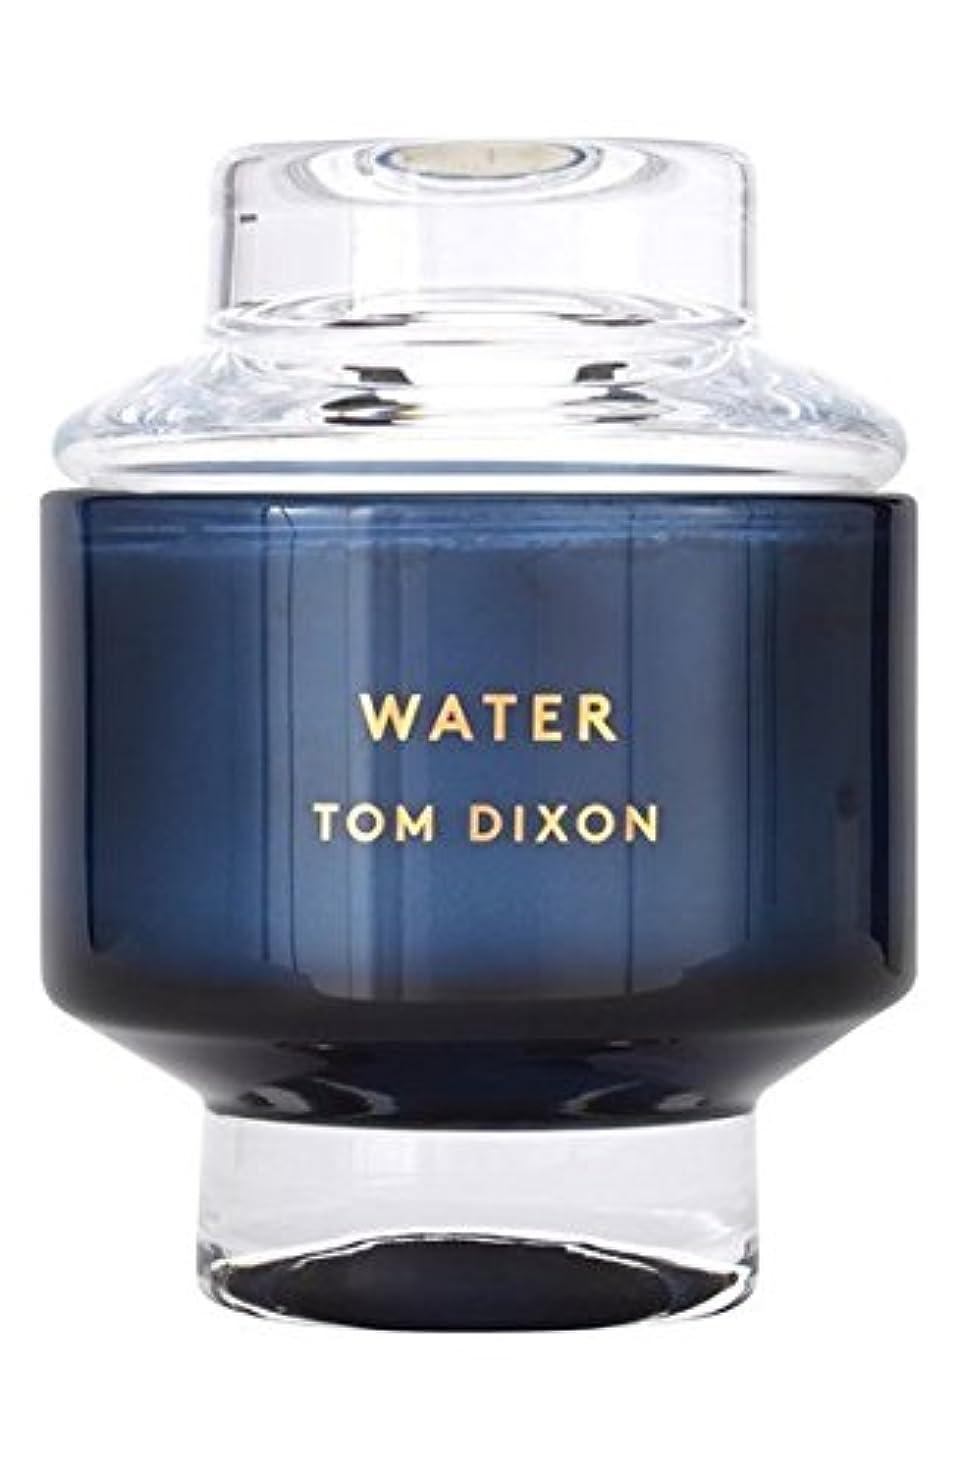 いろいろ面白い撃退するTom Dixon 'Water' Candle (トム ディクソン 'ウオーター' キャンドル中)Midium